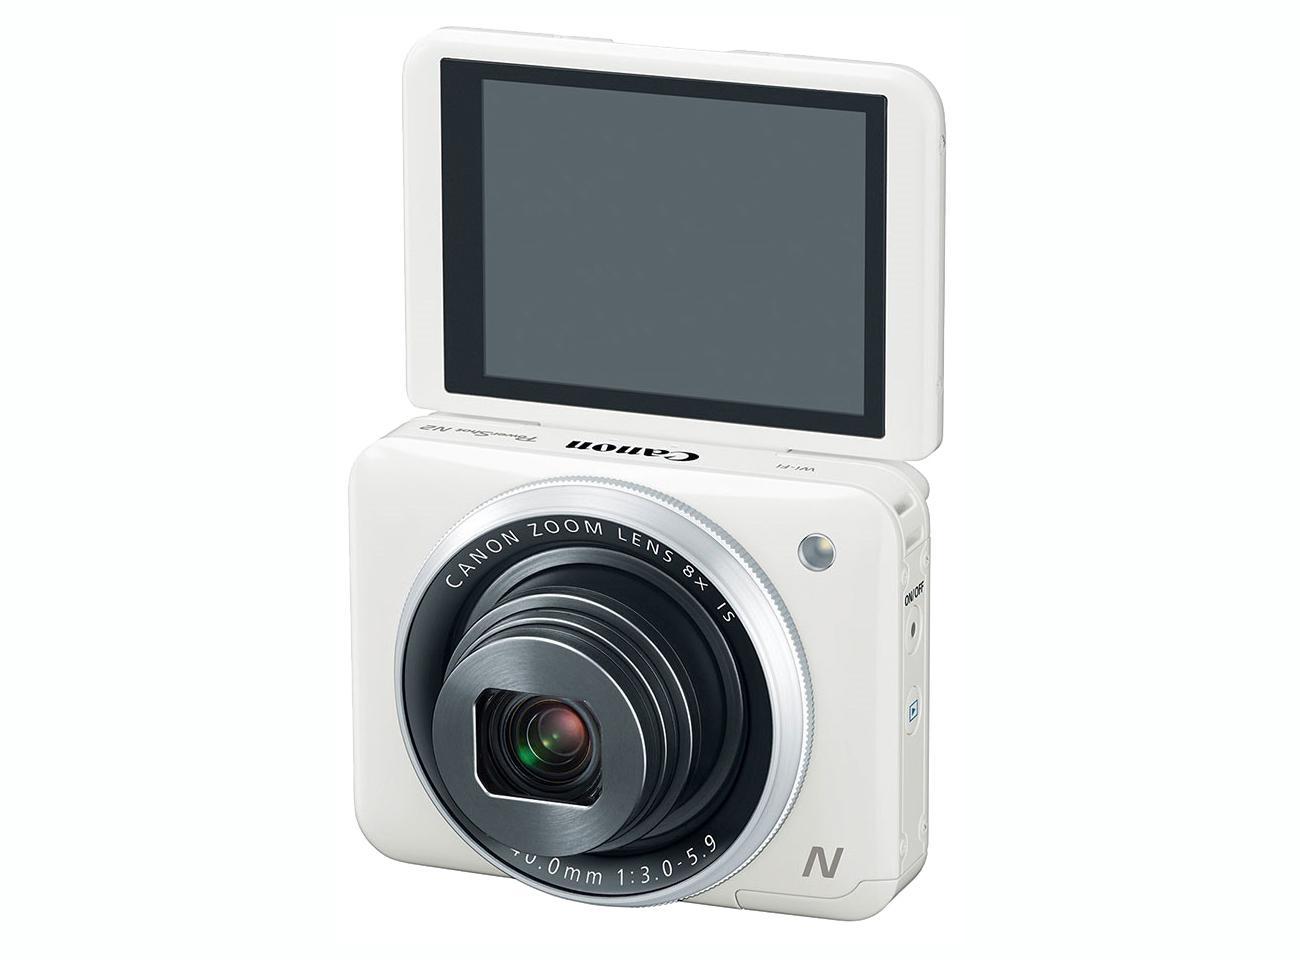 Kamera Canon PowerShot N2 Untuk Foto Selfie